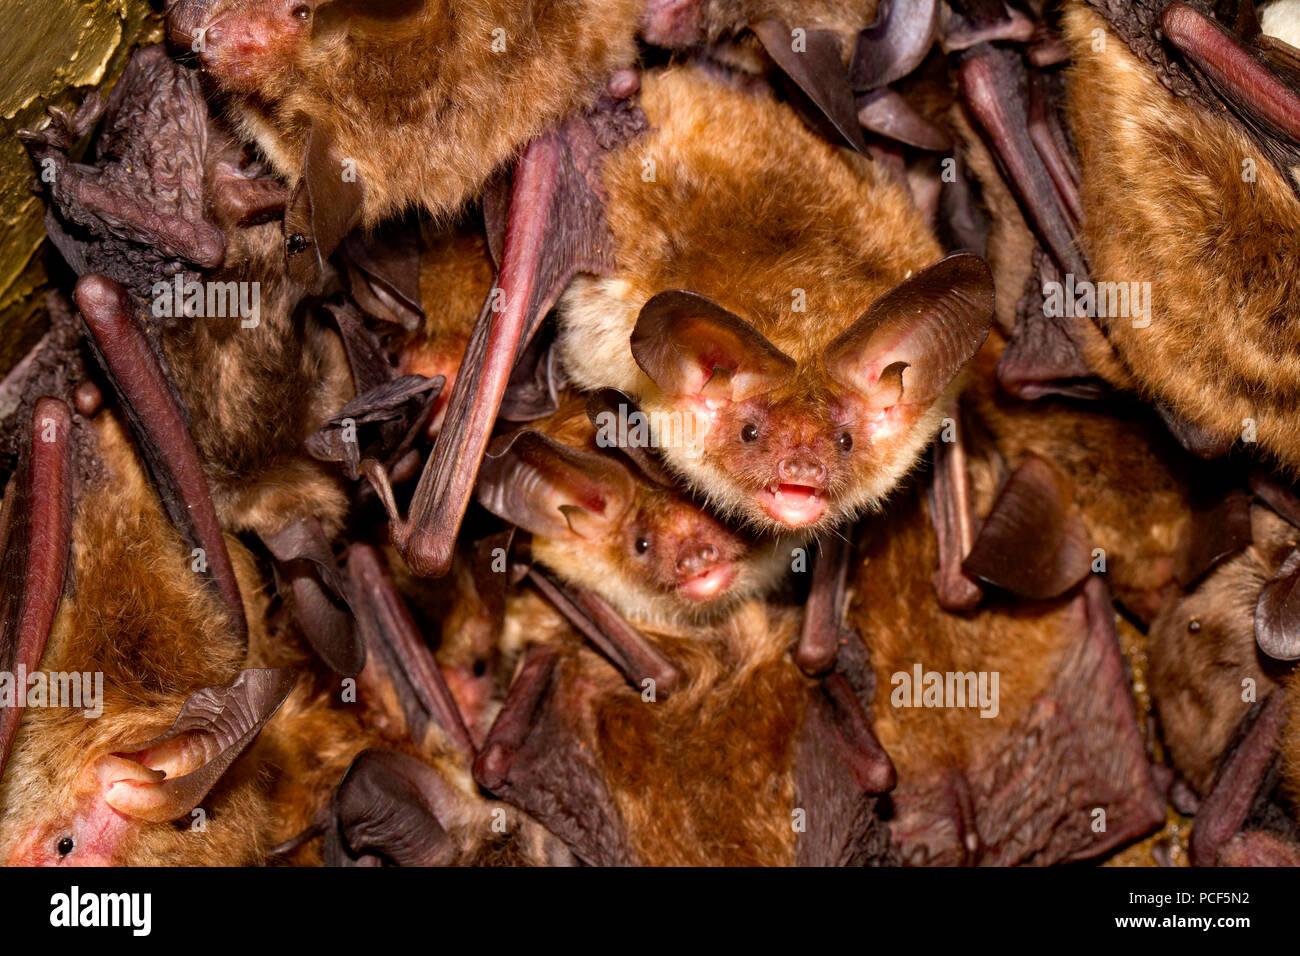 Les chauves-souris, du bechstein (Myotis bechsteinii) Photo Stock